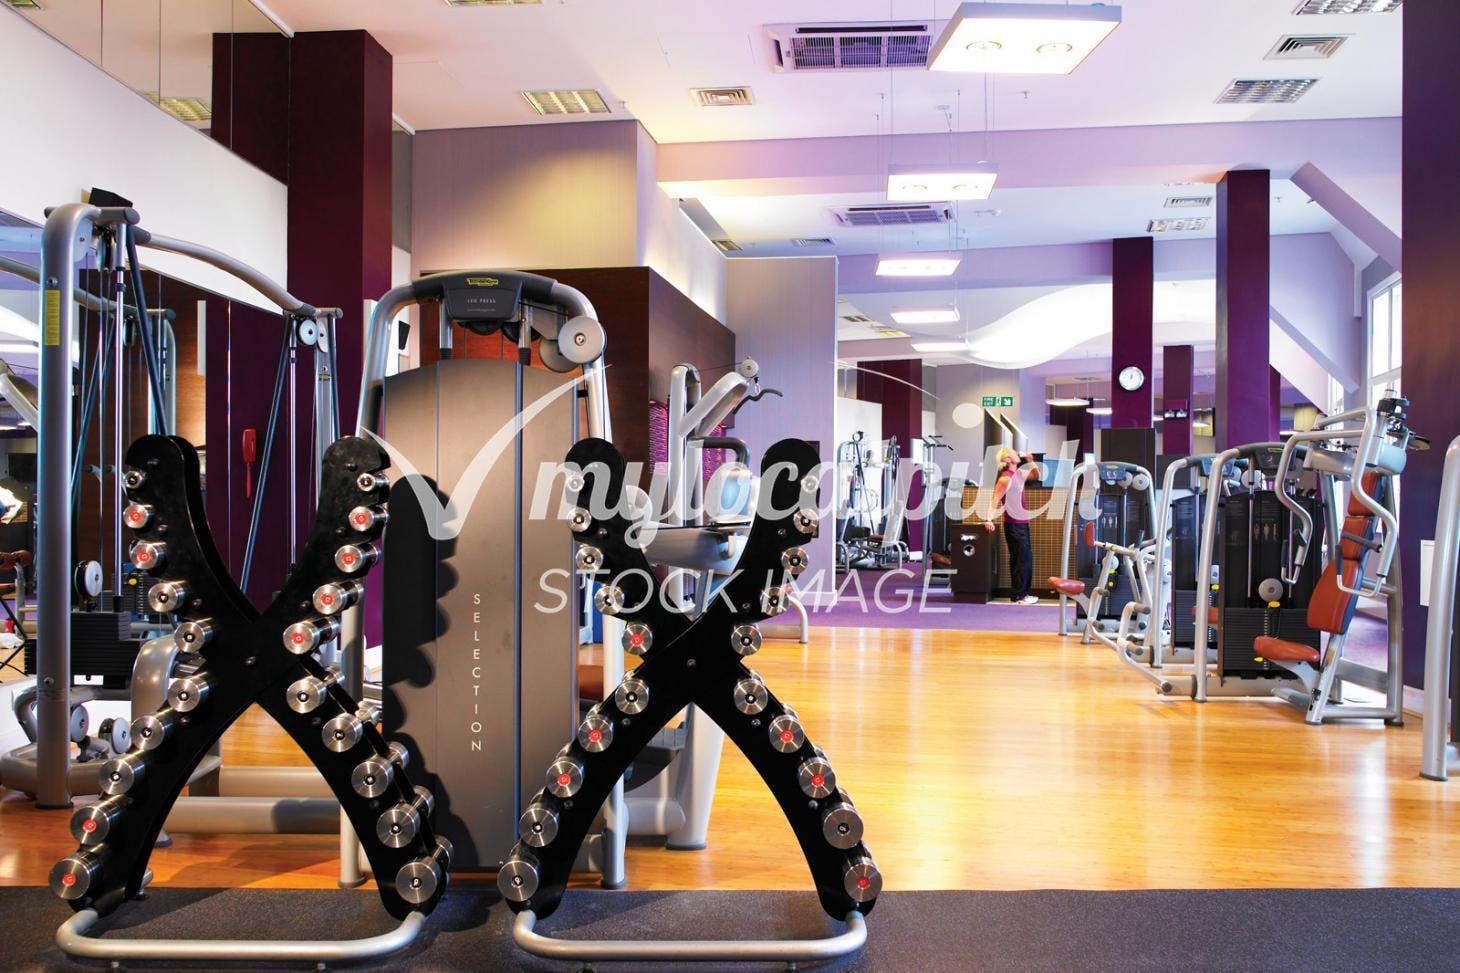 Islington Tennis Centre Gym gym